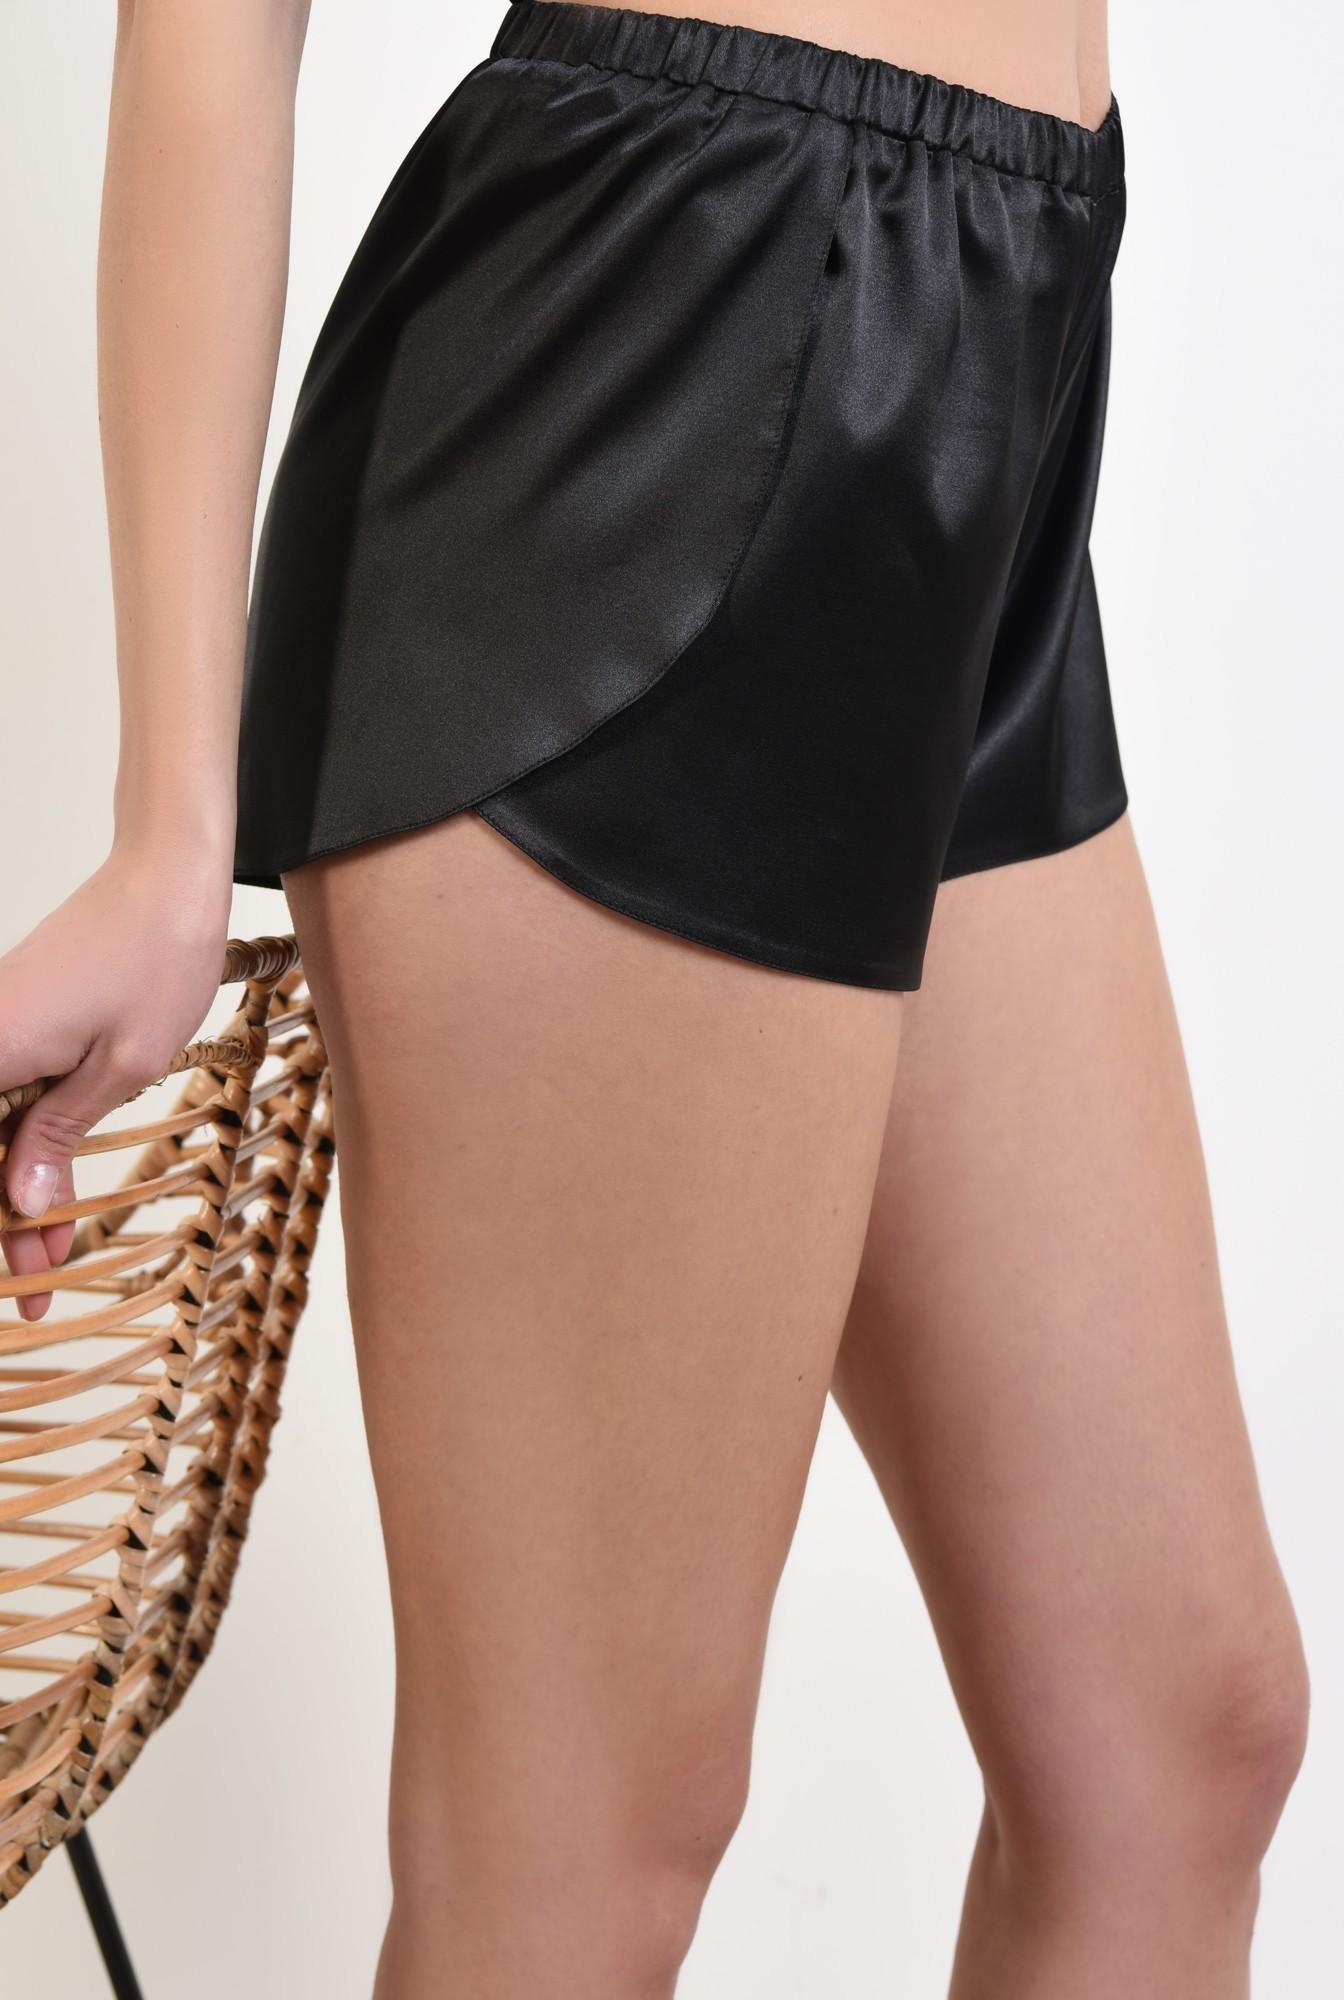 sort din satin, cu imprimeu geometric, alb-negru, pantaloni scurti